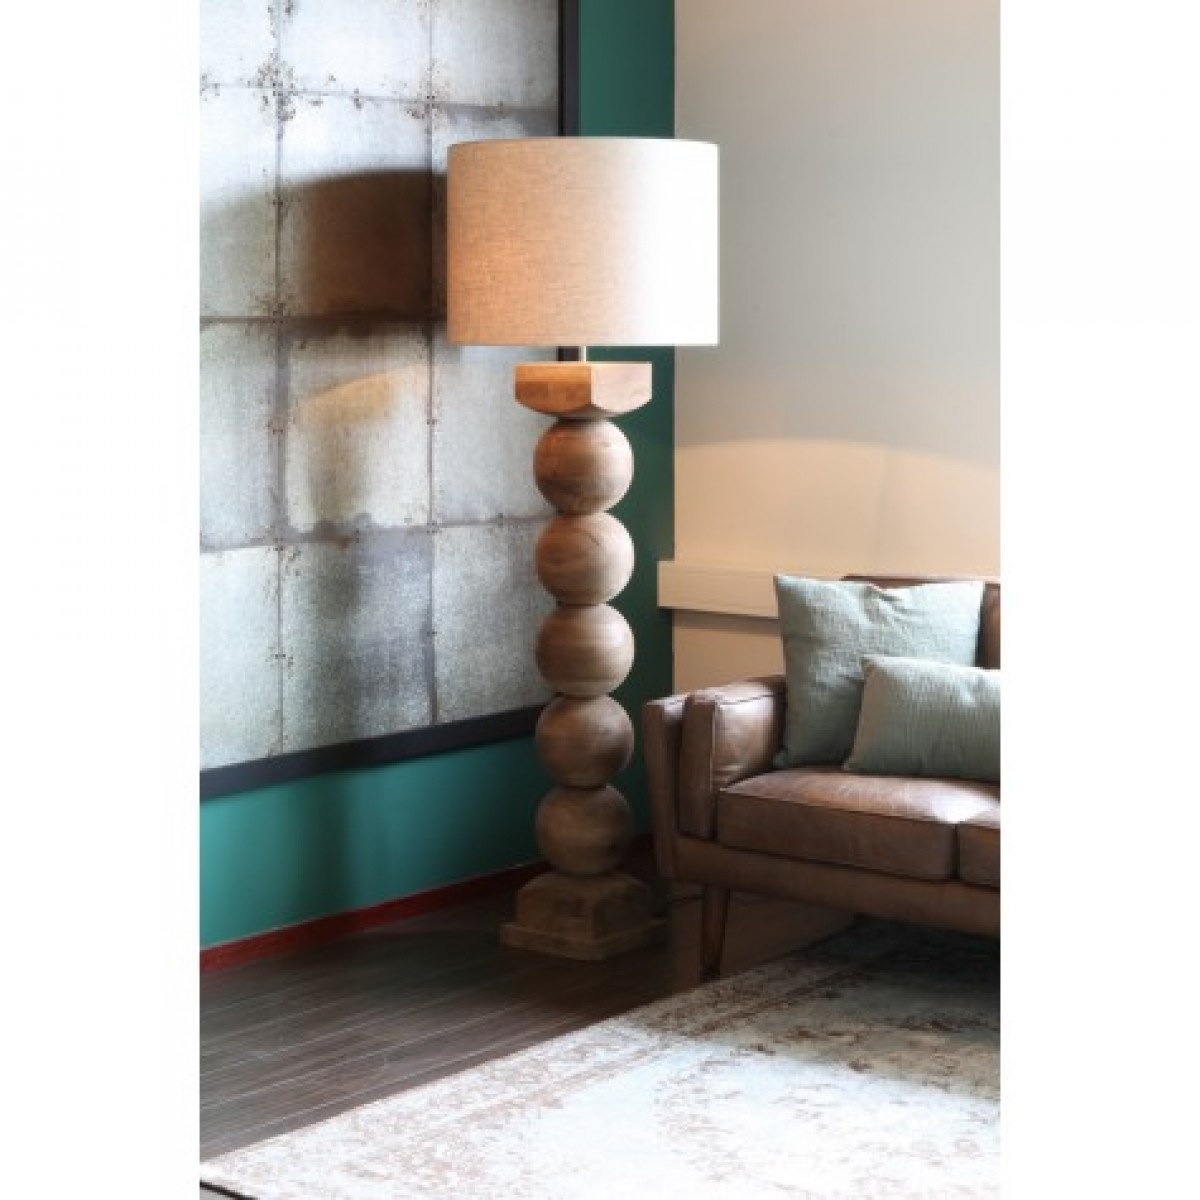 Stehlampe Holz mit Lampenschirm, Stehleuchte mit Zylinder ...